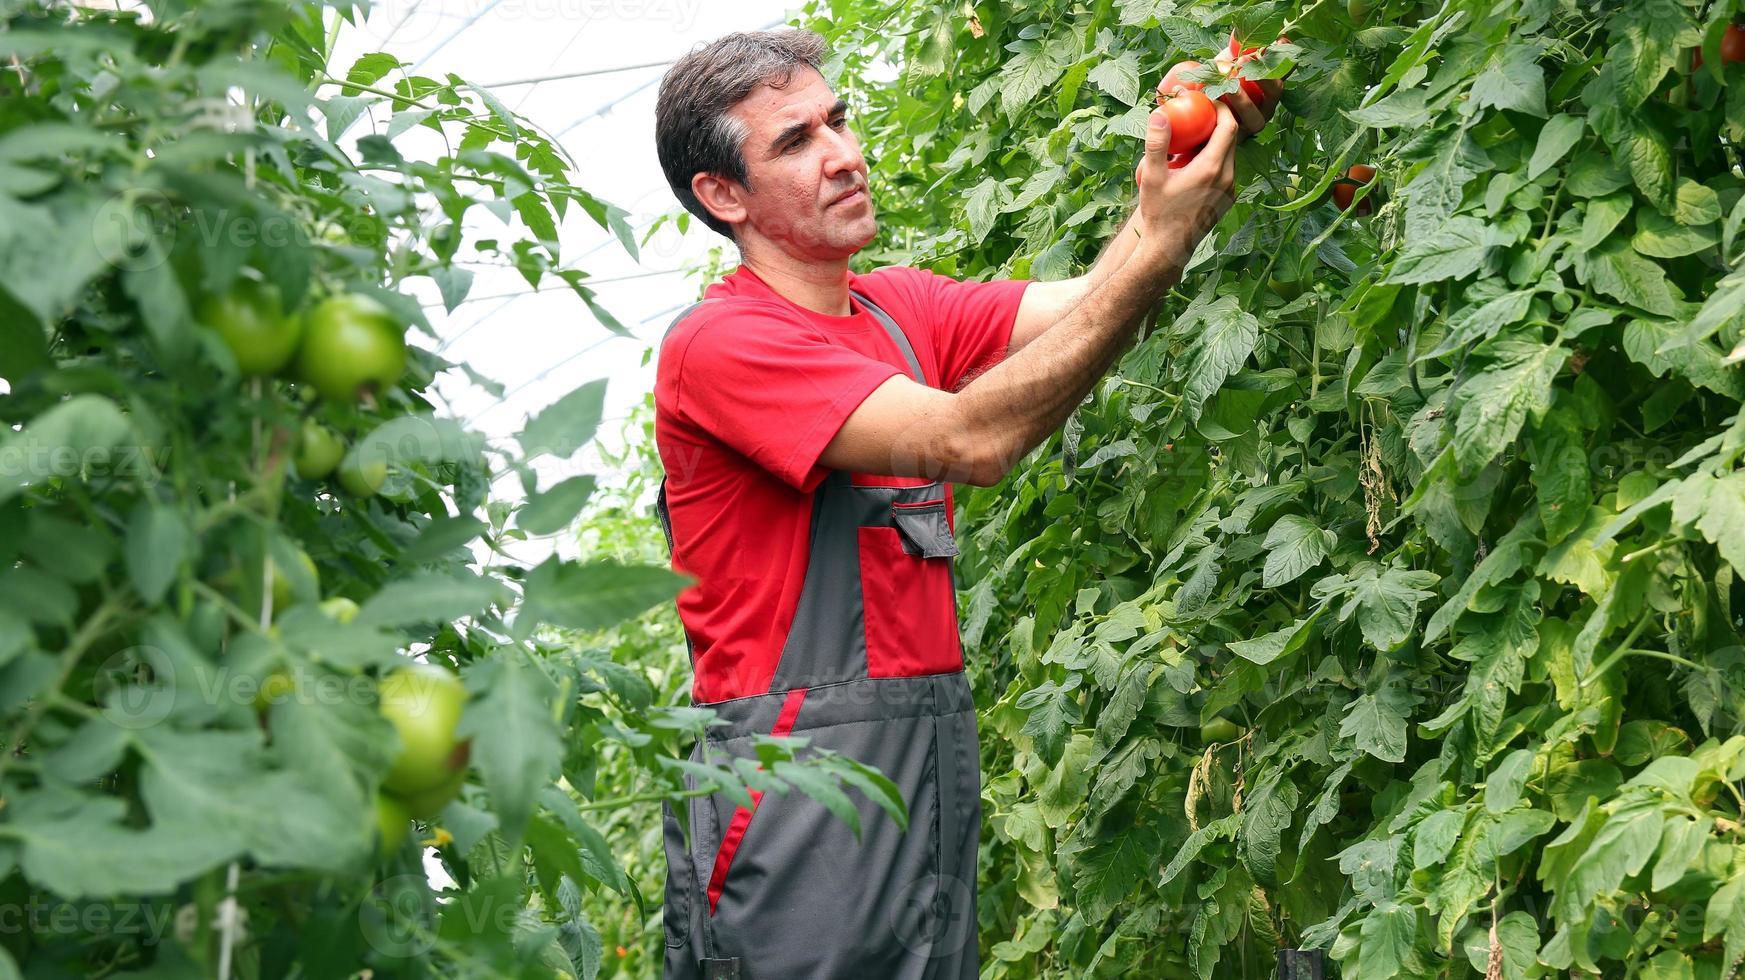 agriculteur biologique récolte des tomates photo